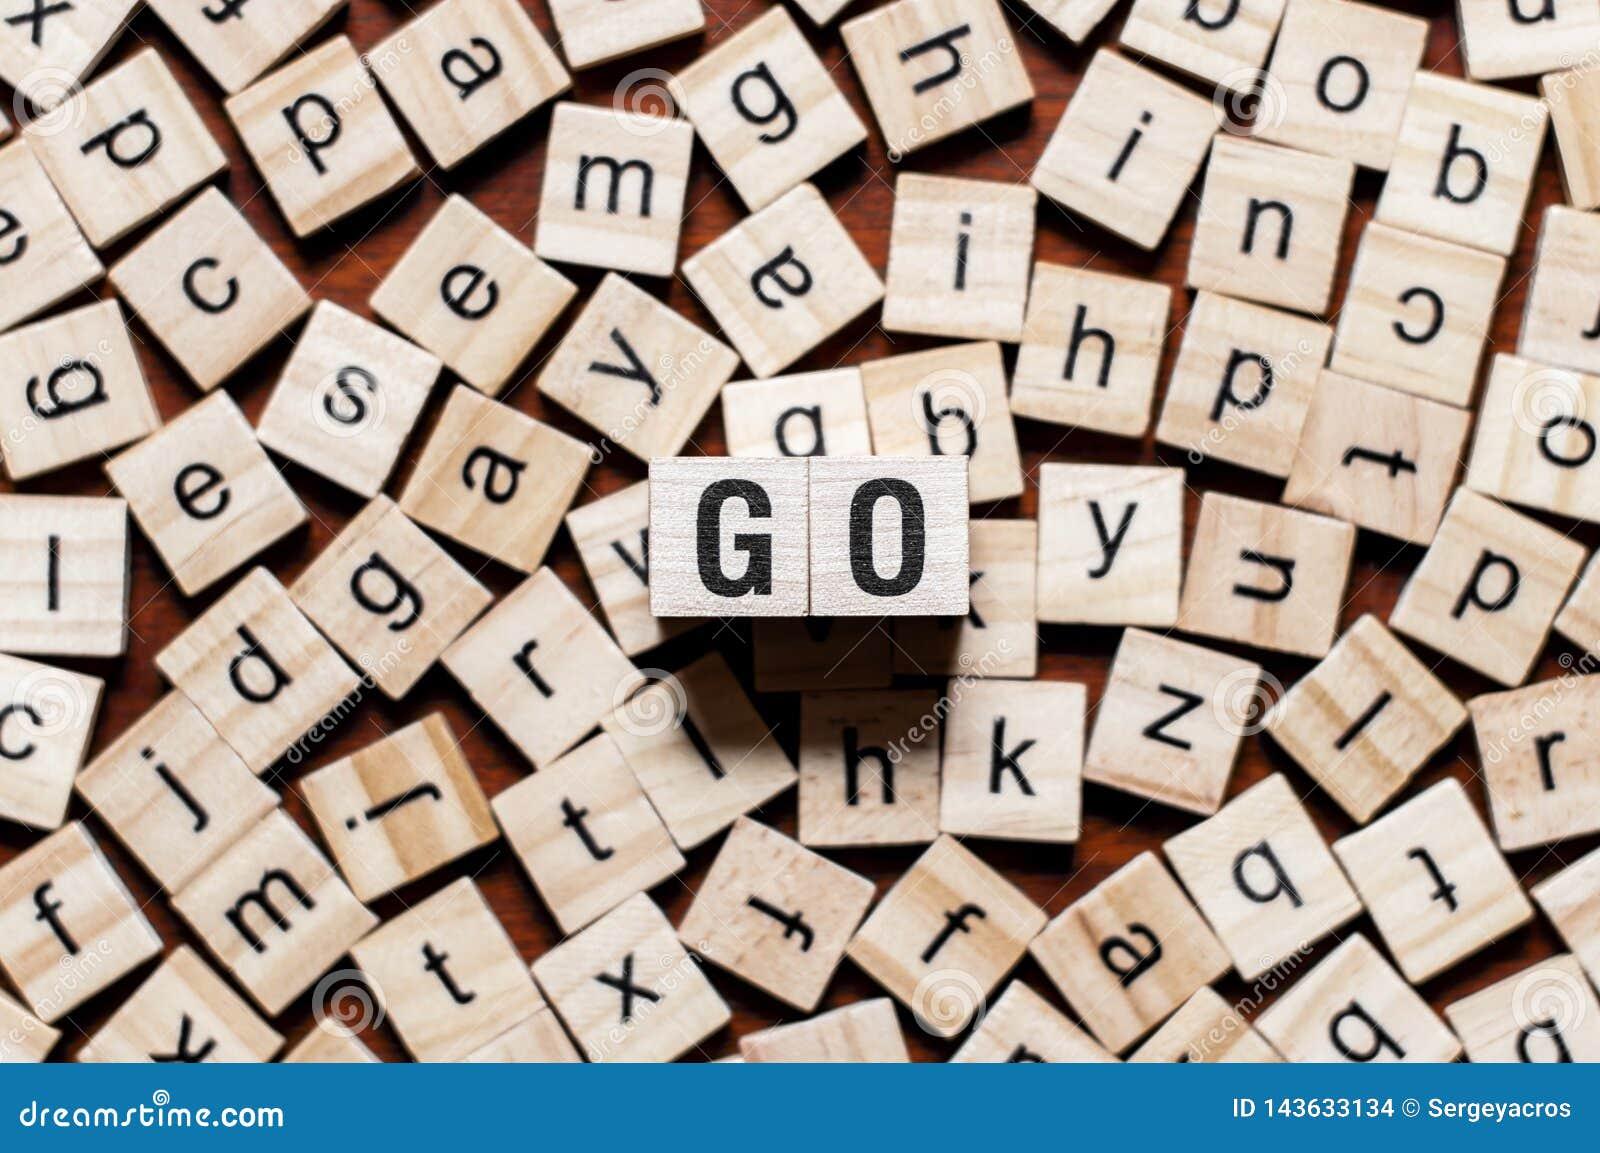 Concepto de programación de la palabra del lenguaje Go